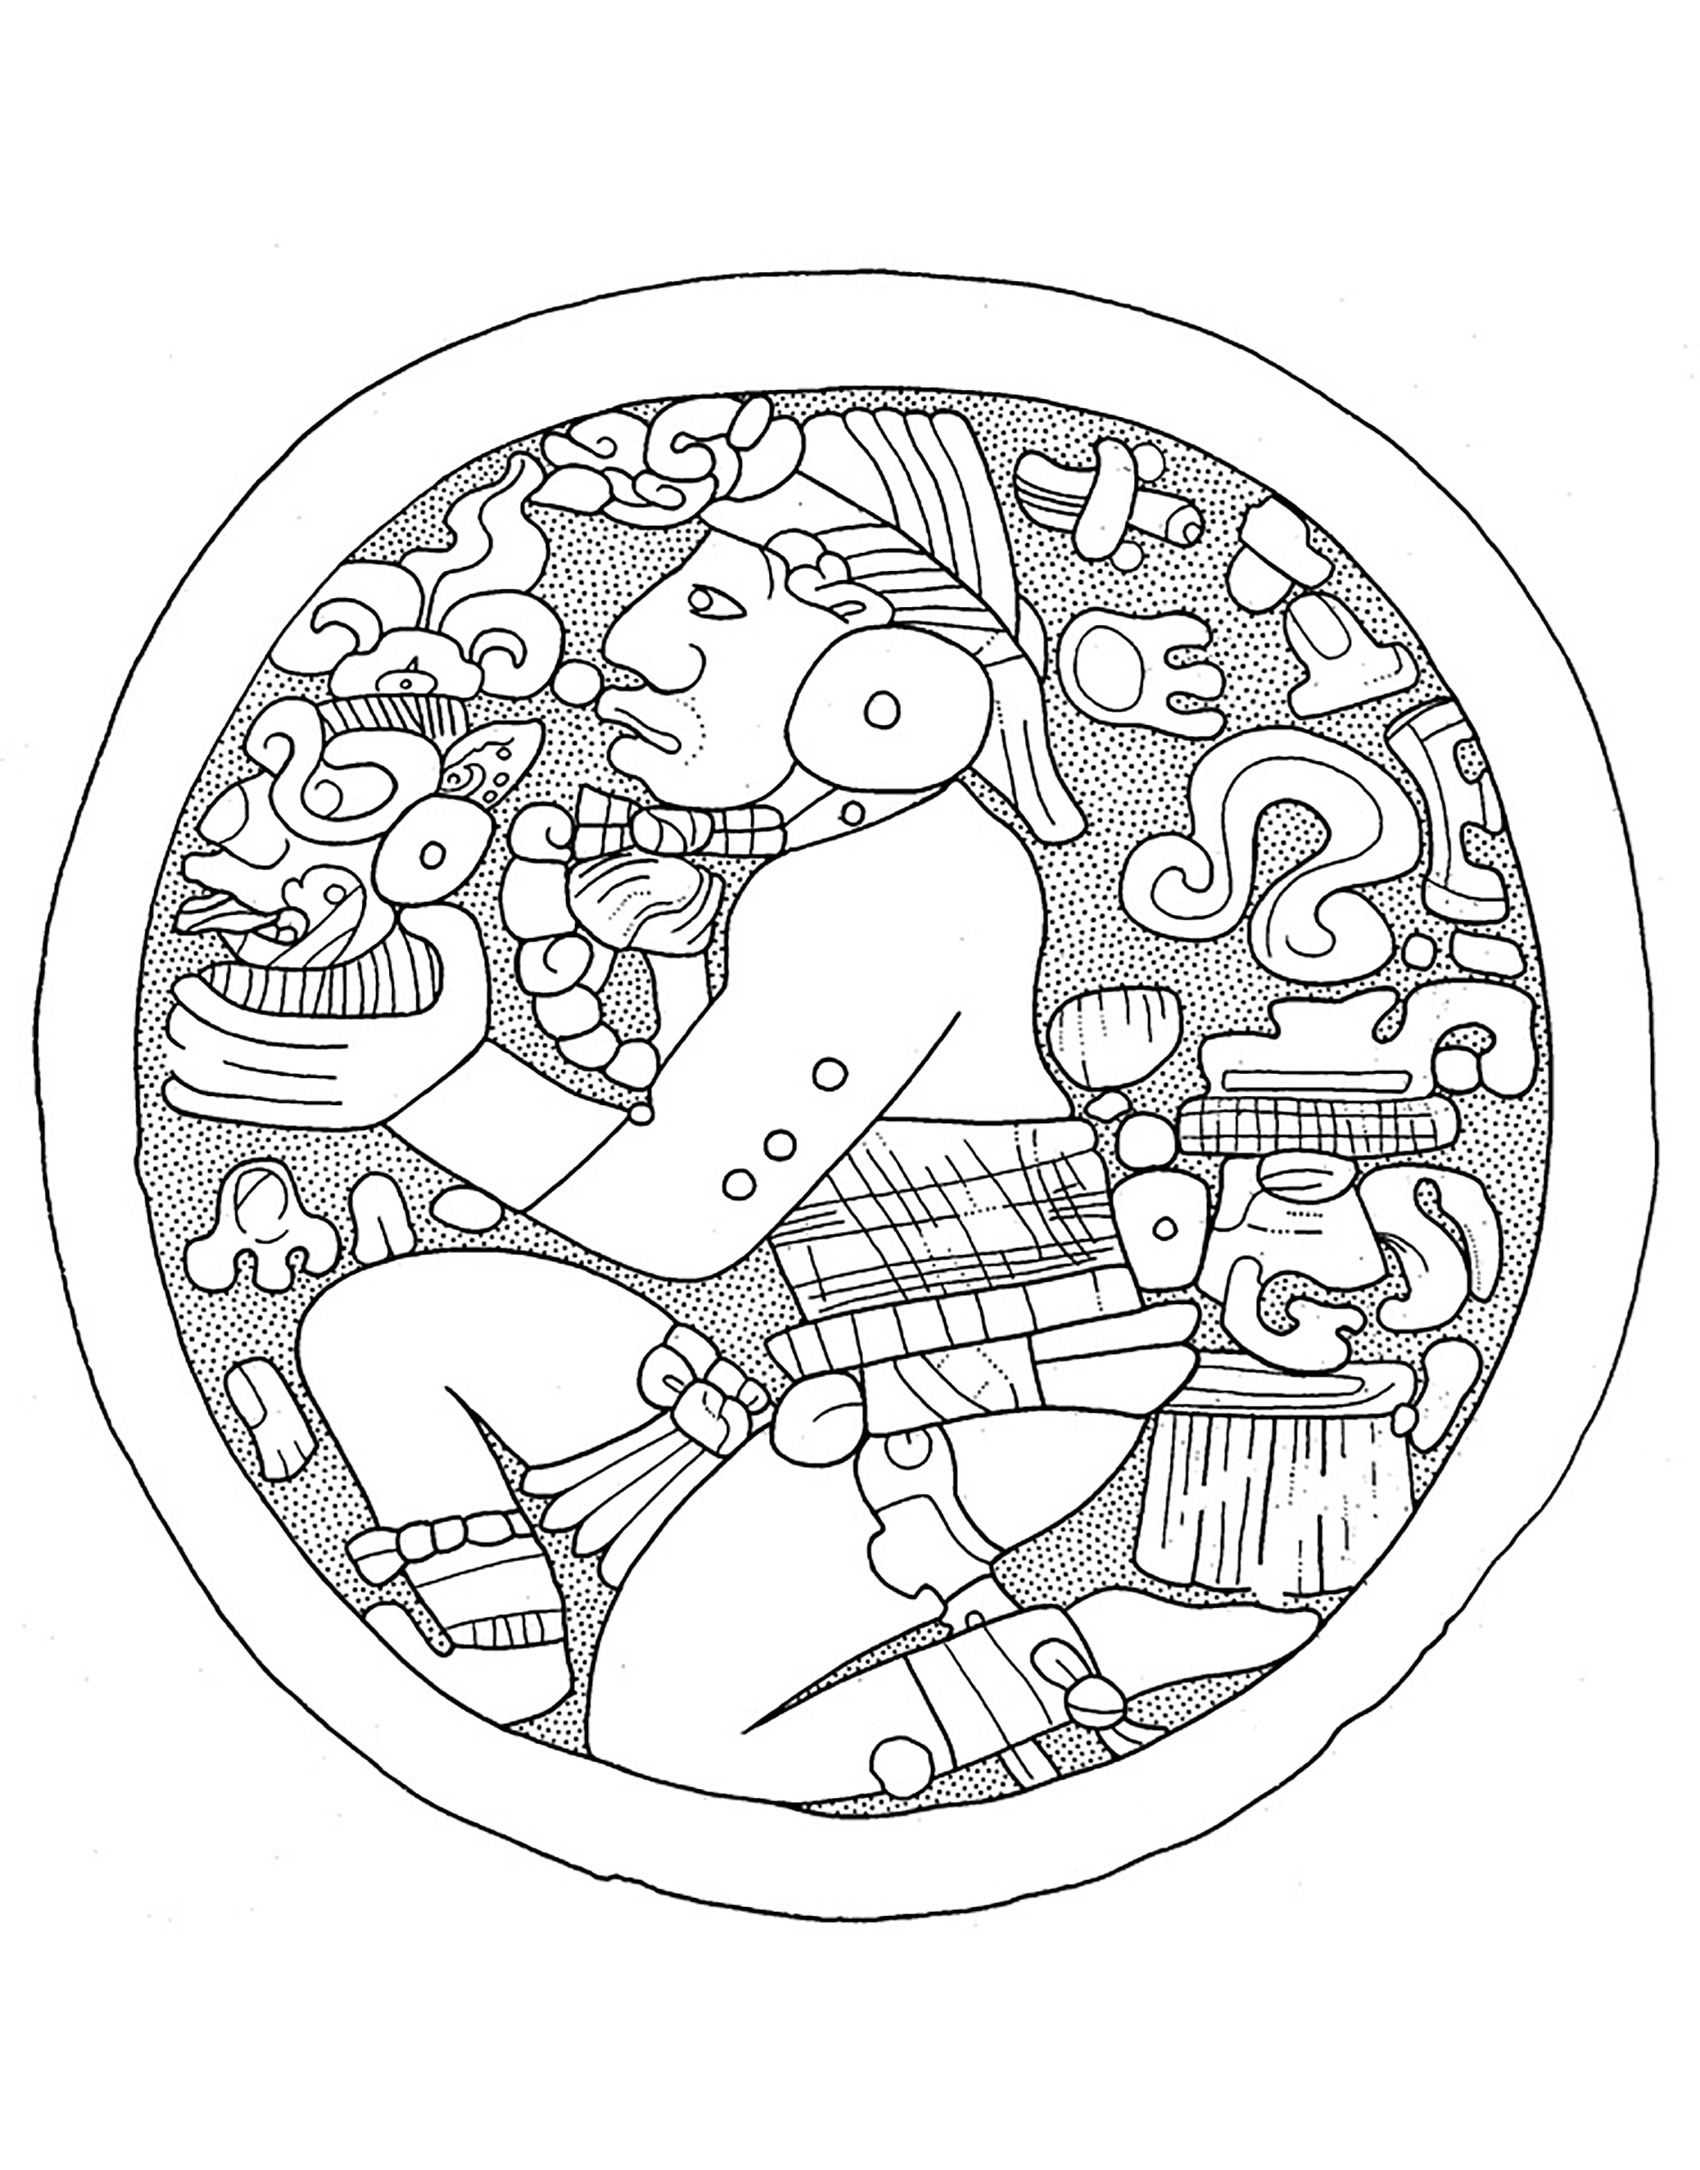 Dessin de N. Carter représentant un authentique bijou de l'époque Maya